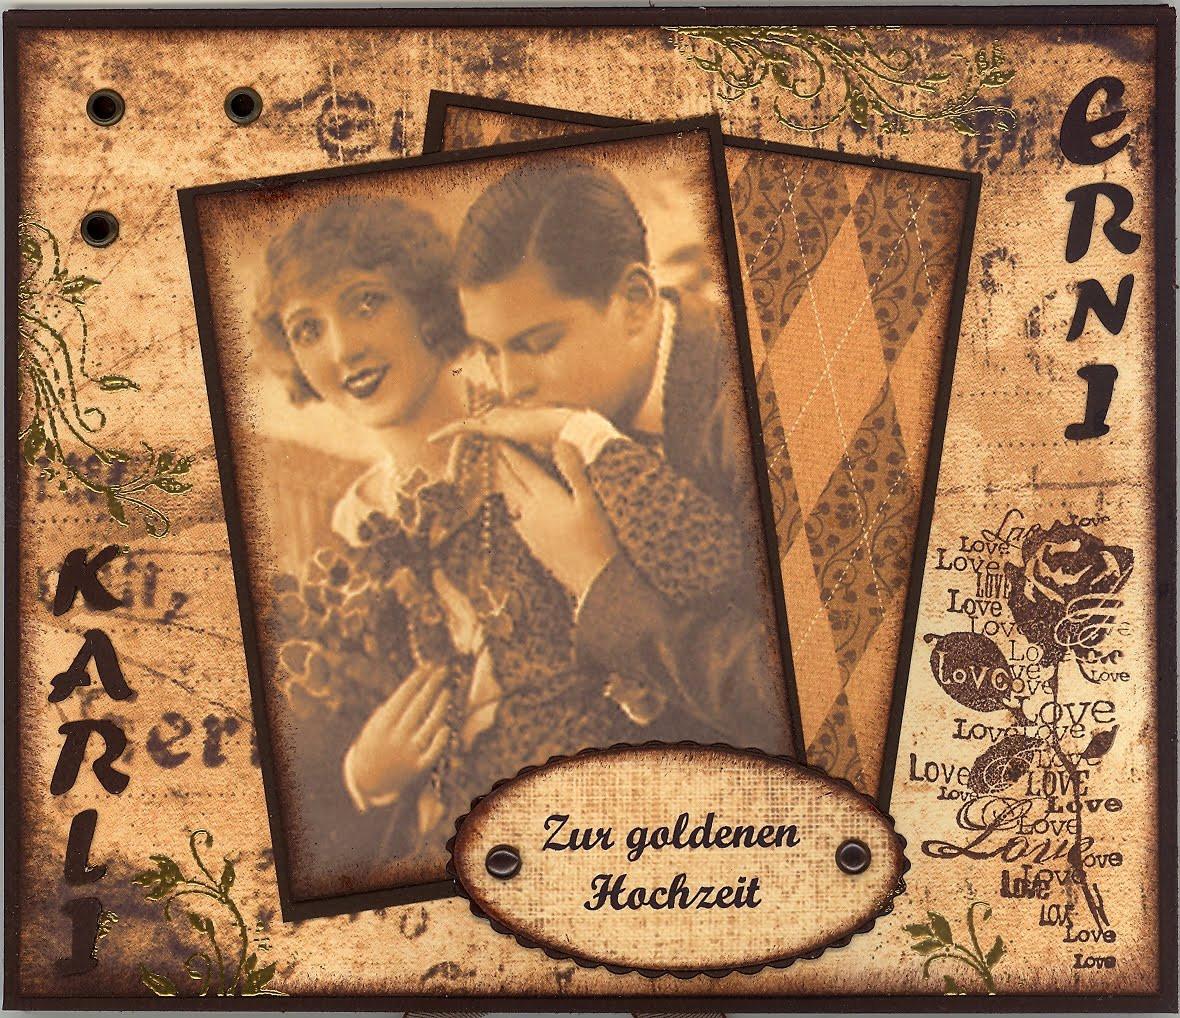 Goldenen Hochzeit  Heidis Creativblog Zur goldenen Hochzeit